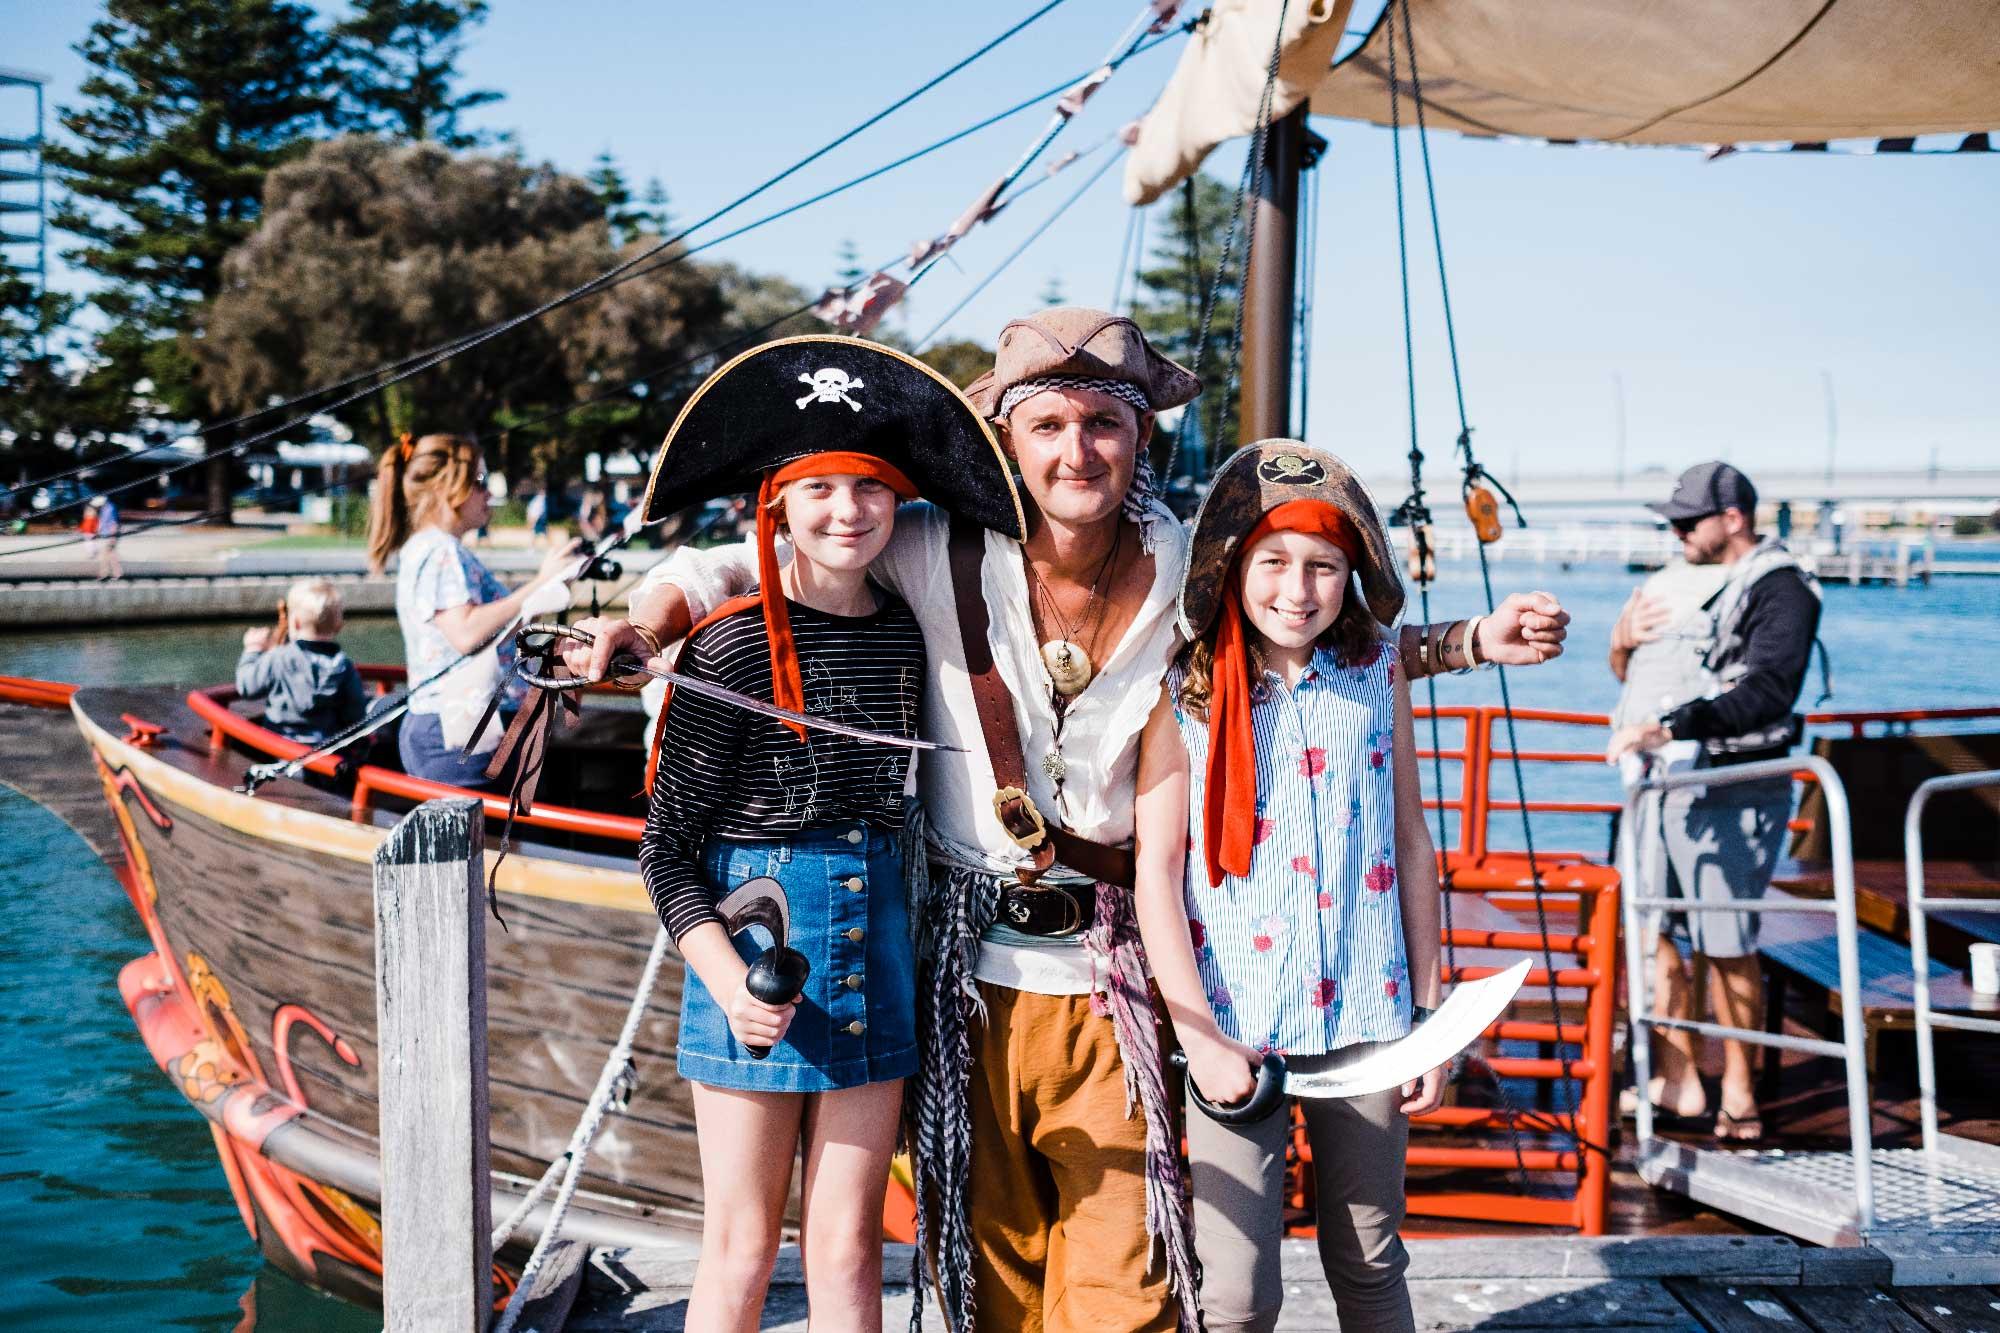 The-Pirate-Cruise-Mandurah